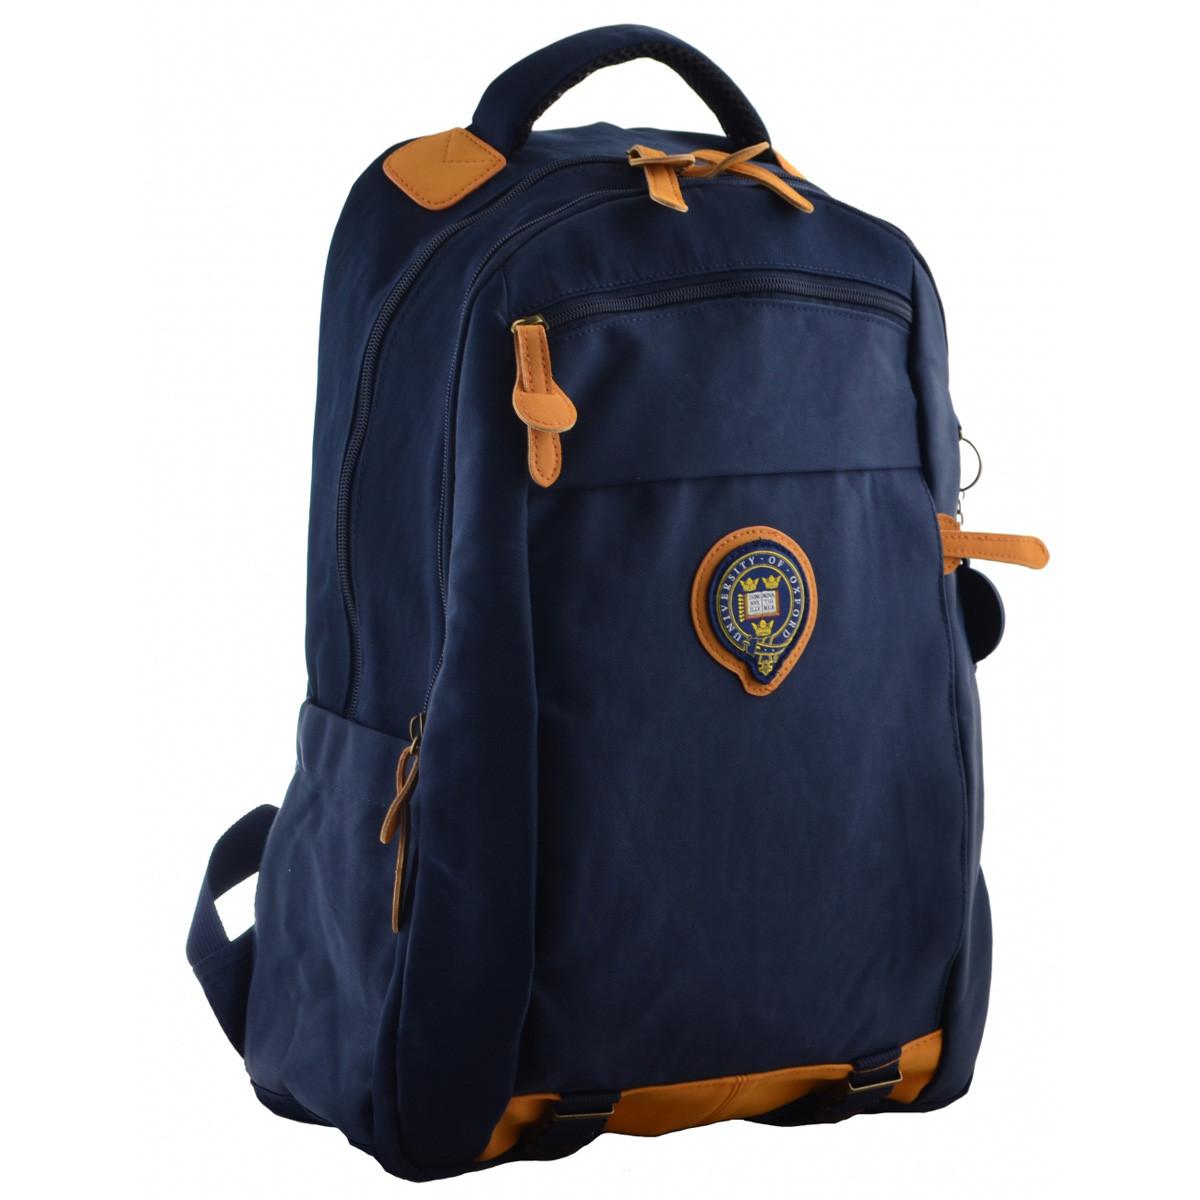 Рюкзак городской YES  OX 349, 46*29.5*13, синий код: 555618